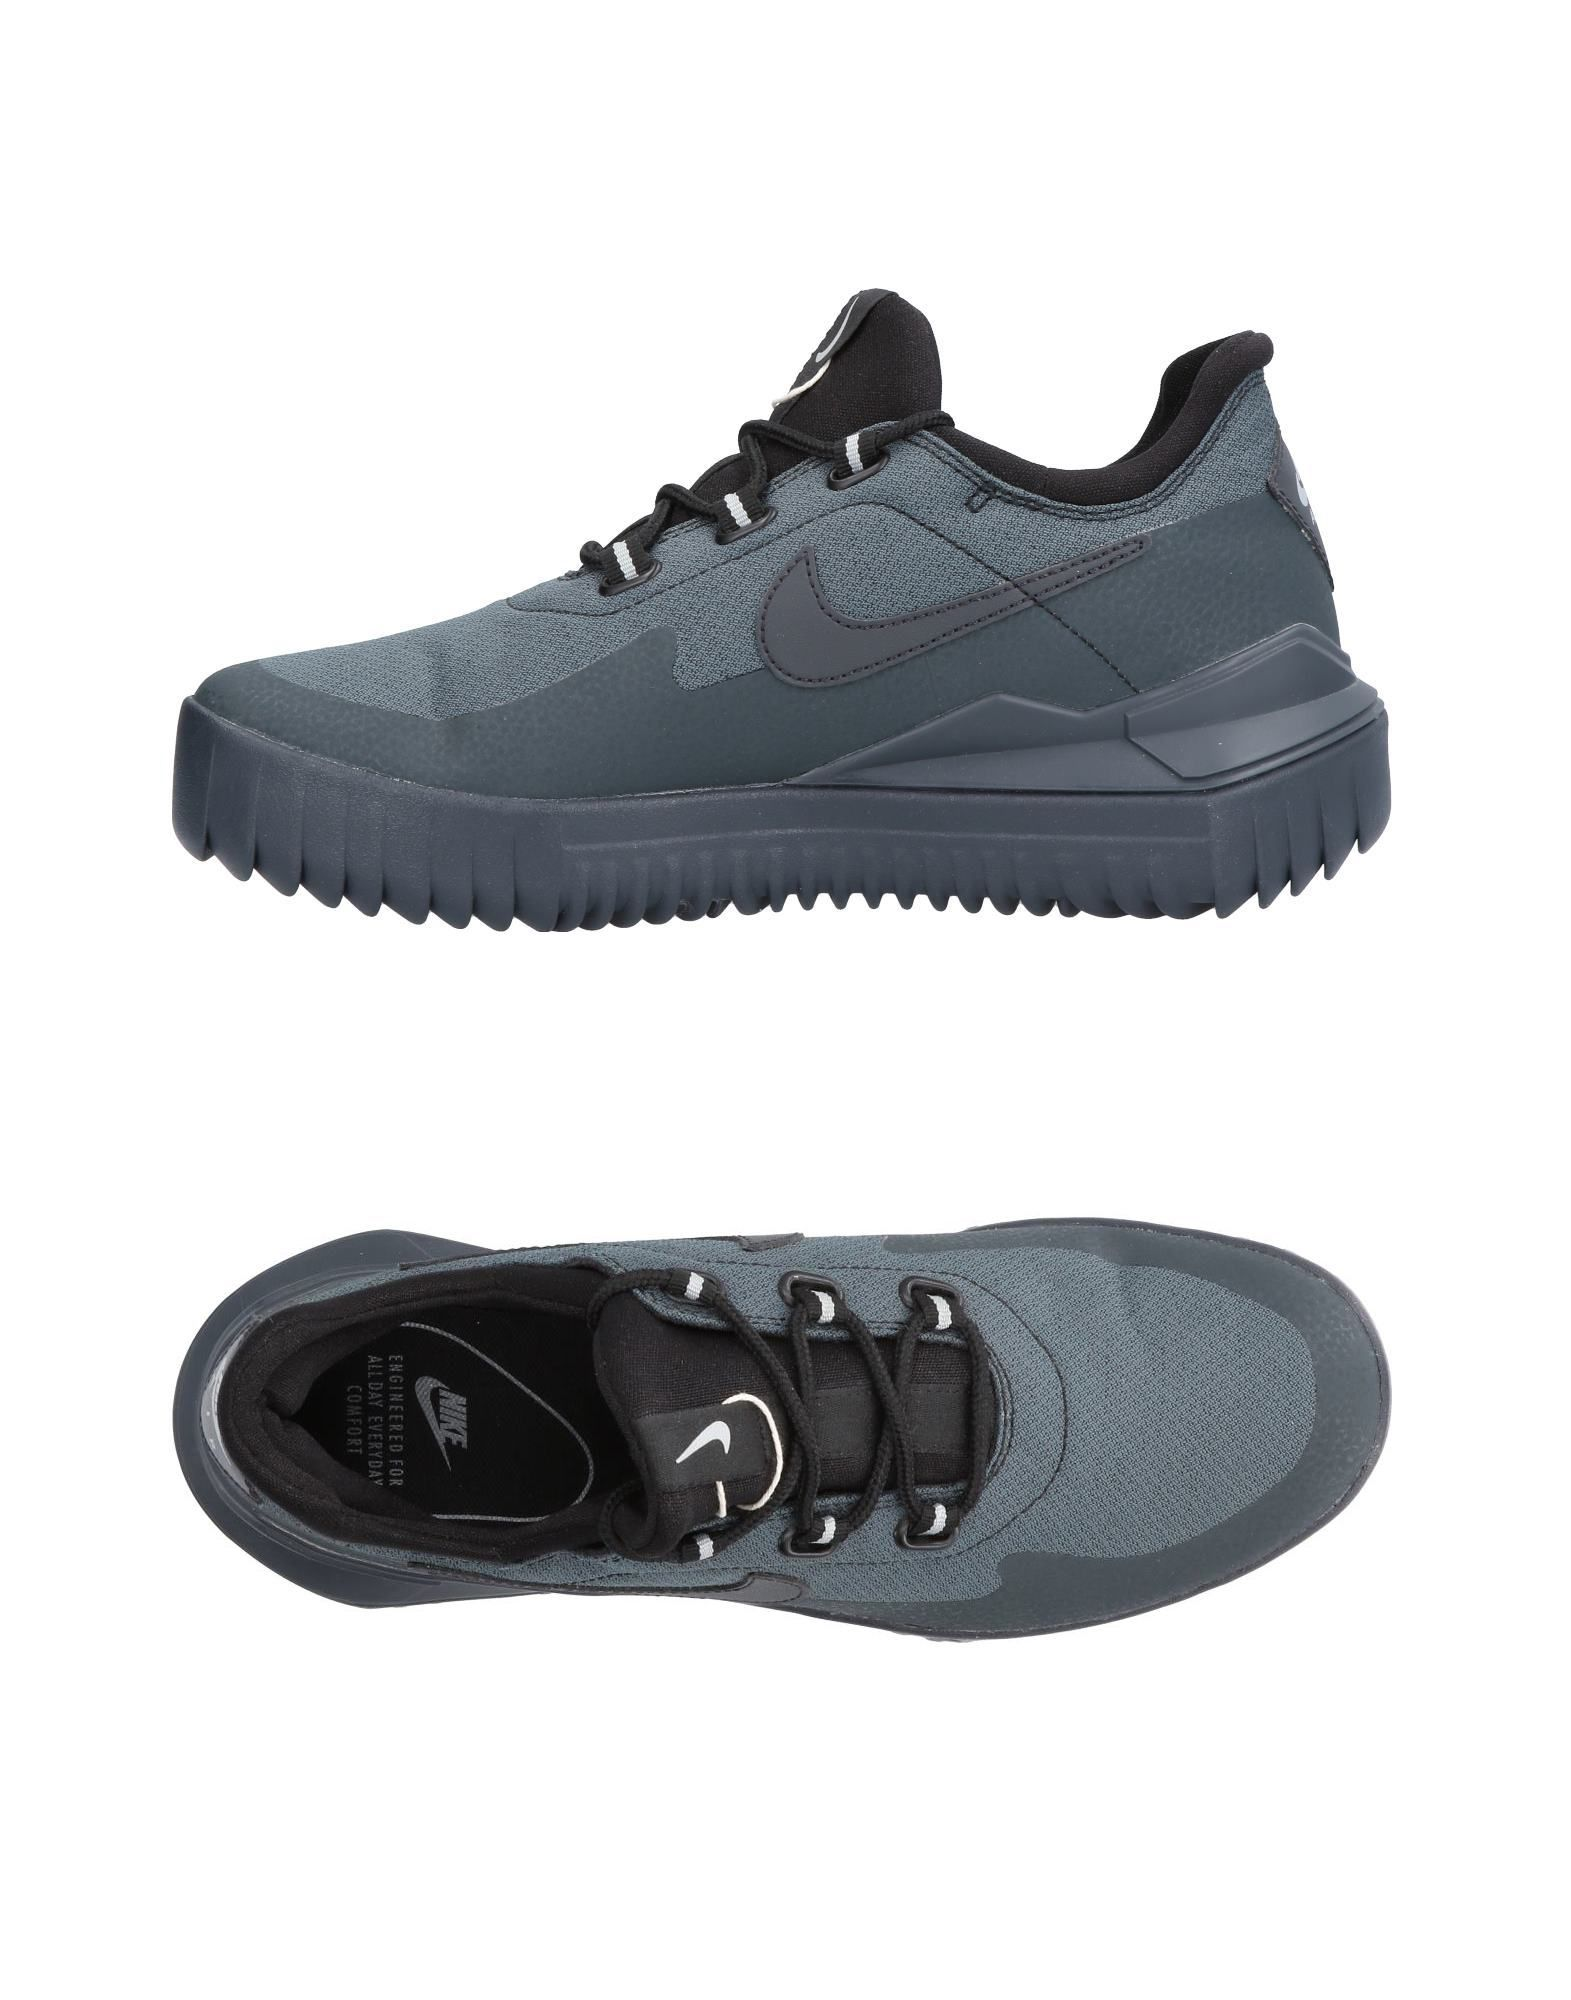 Moda Sneakers Nike Uomo - 11485458PB